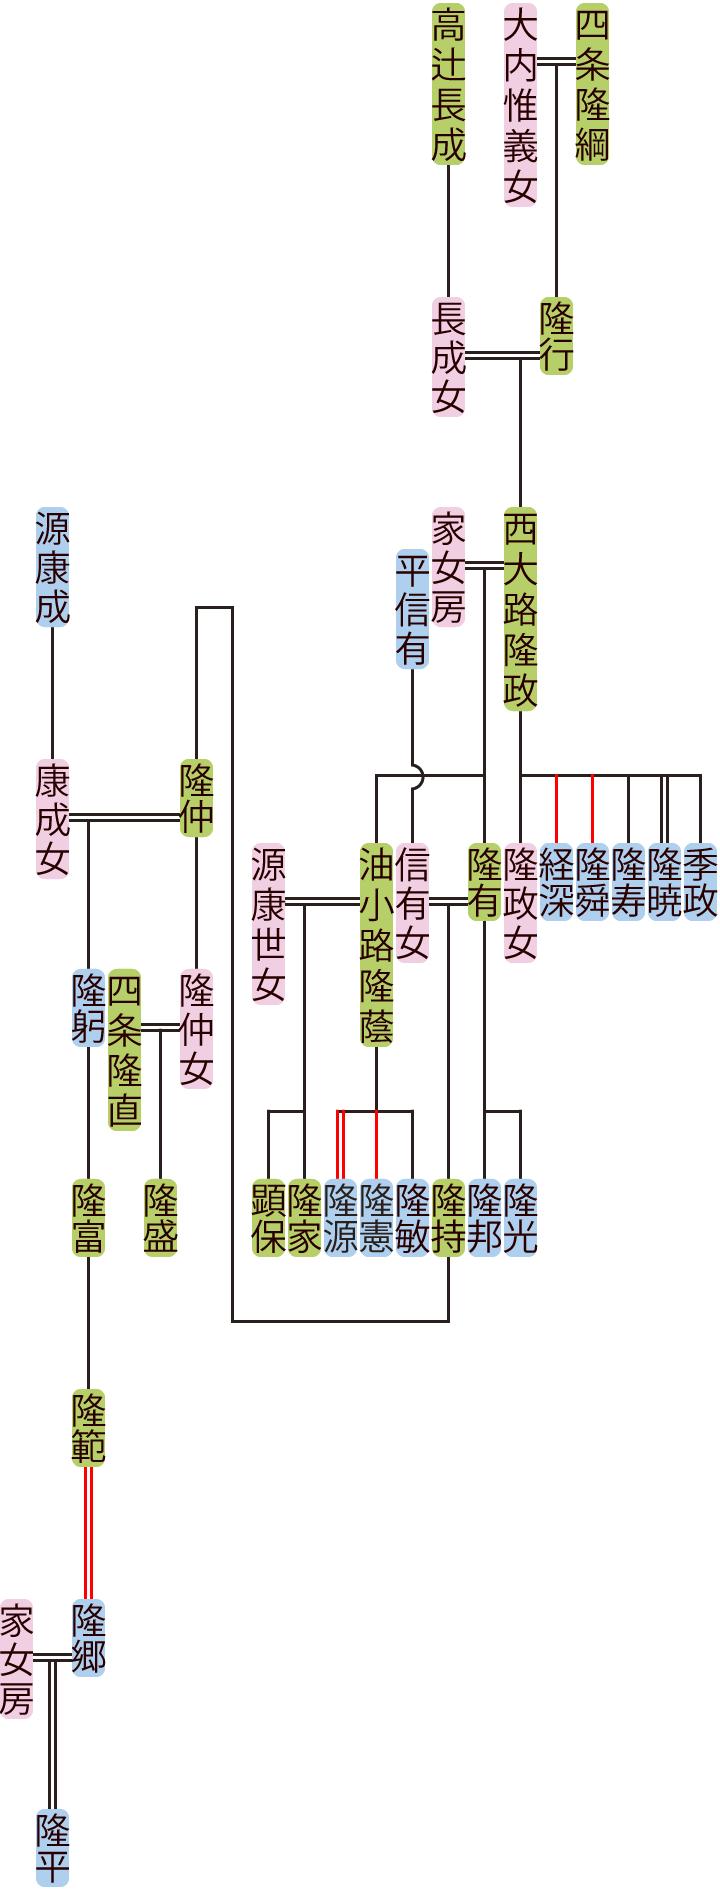 西大路隆政~隆範の系図